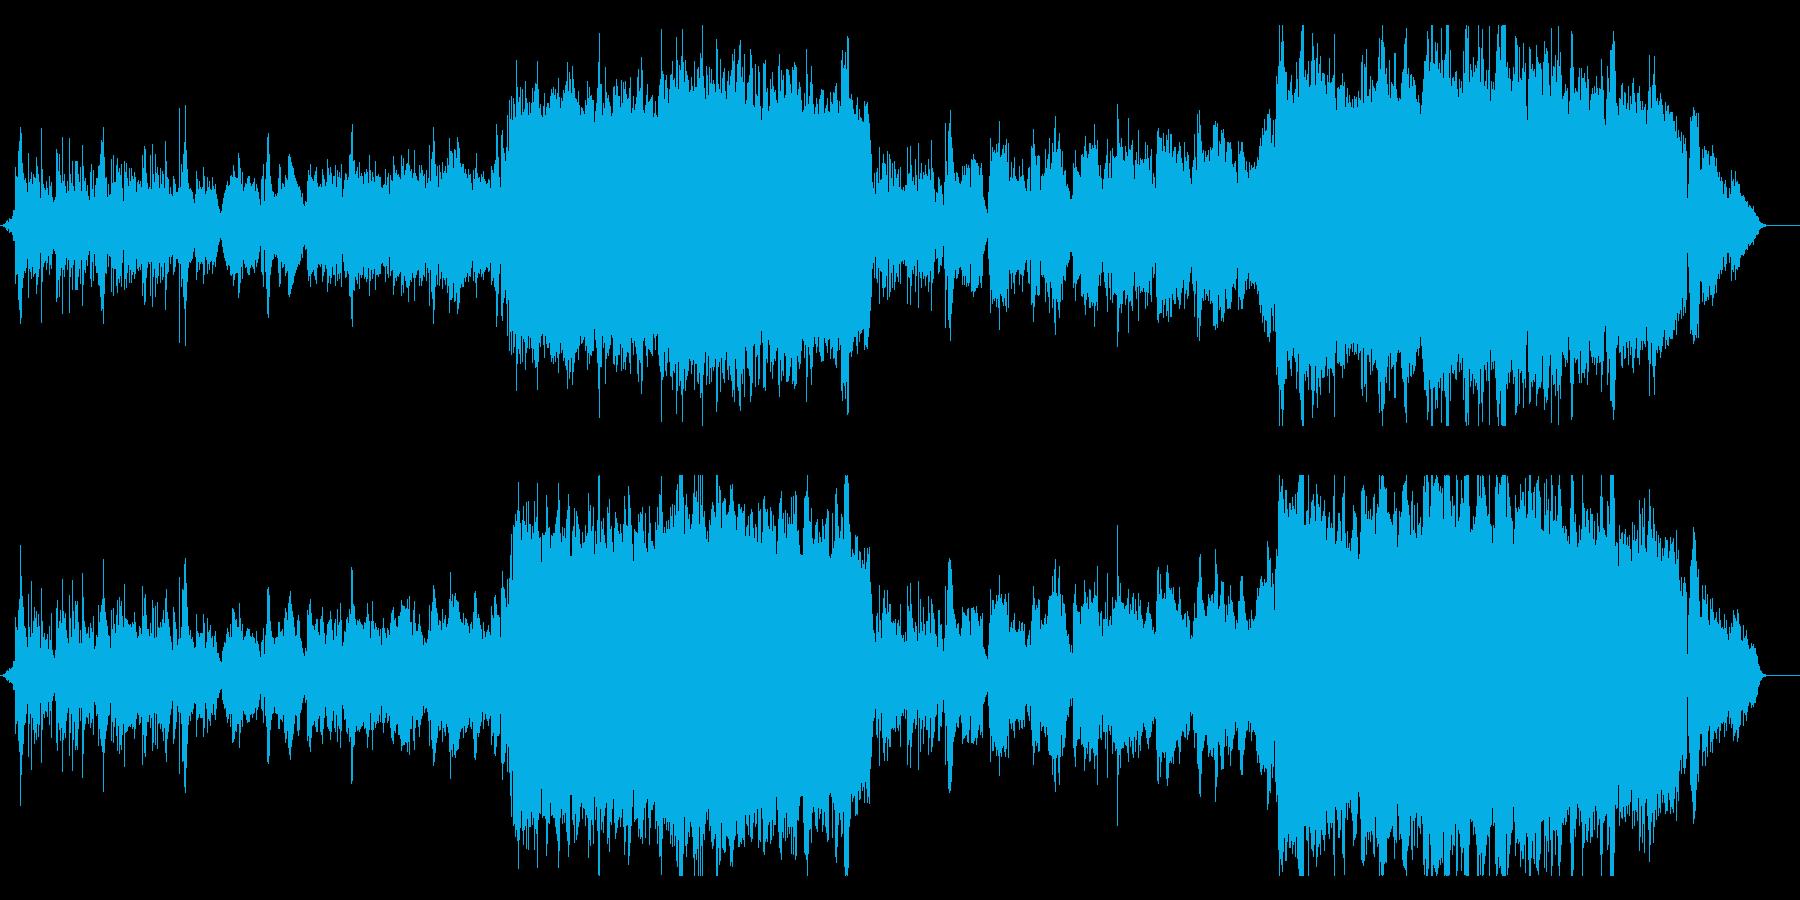 【生演奏】バイオリン、壮大和風バラードの再生済みの波形